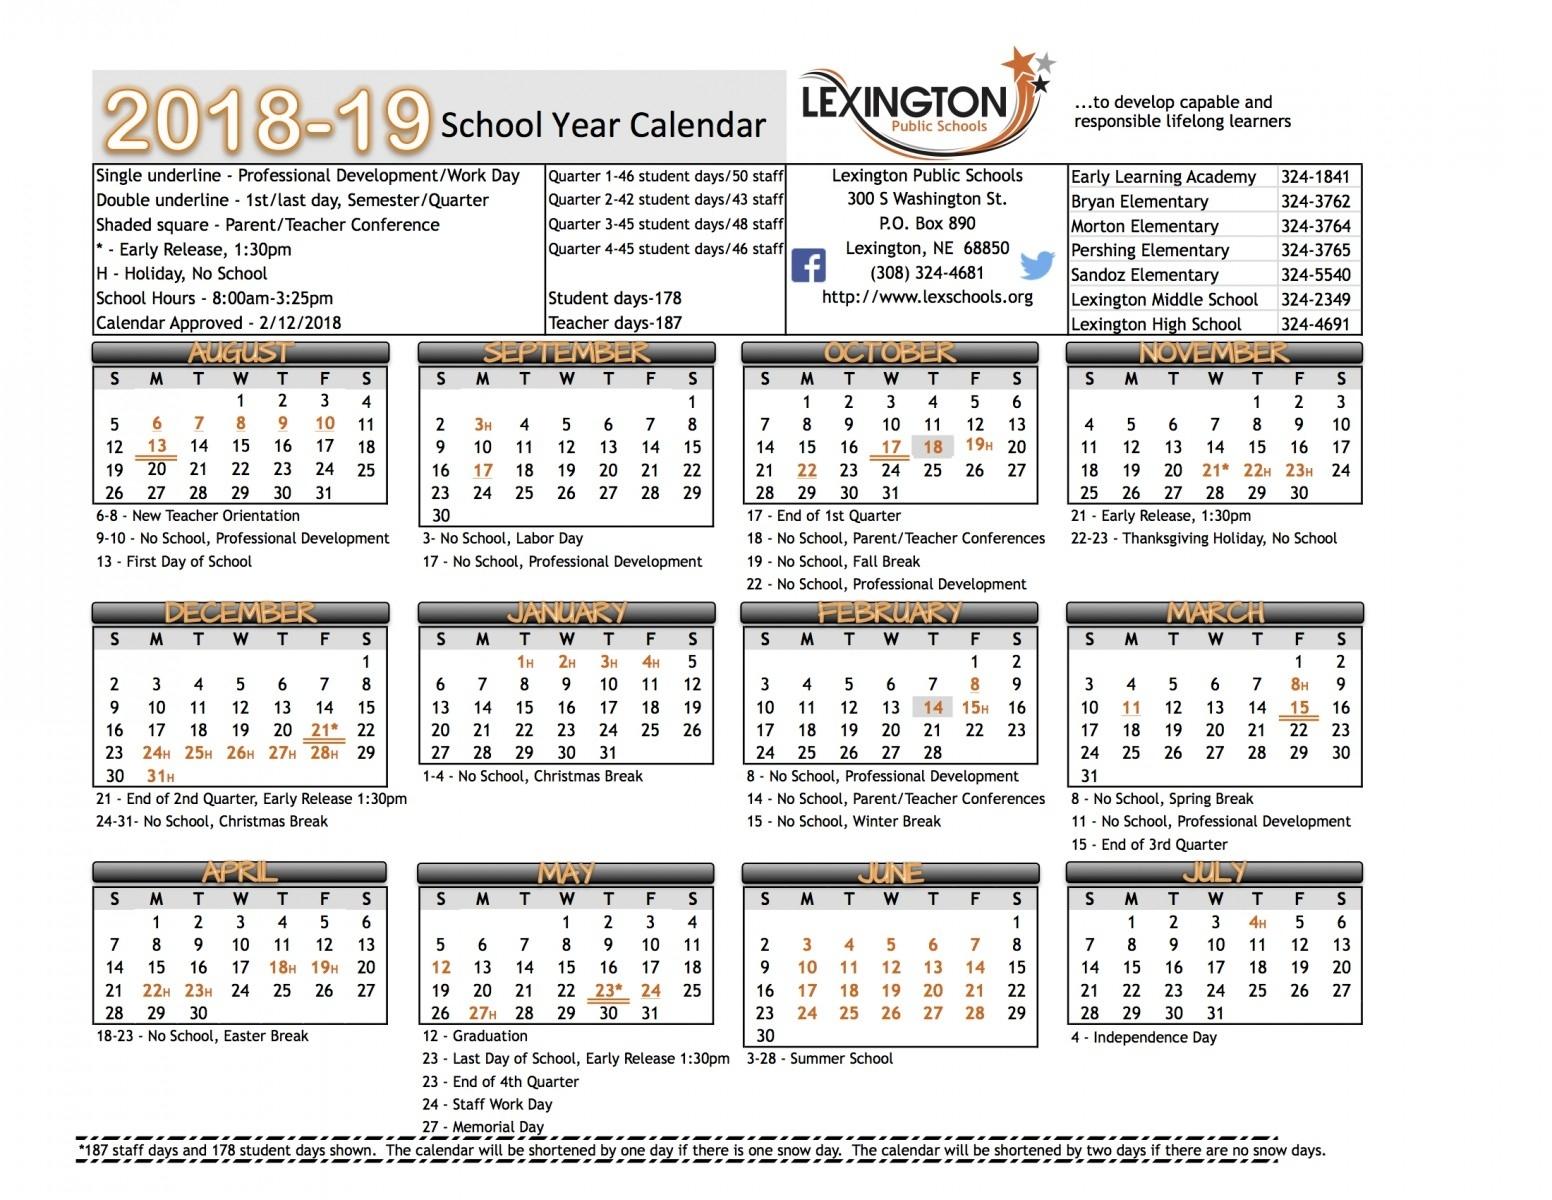 School Year Calendar - Lexington Public Schools Calendar For School Year